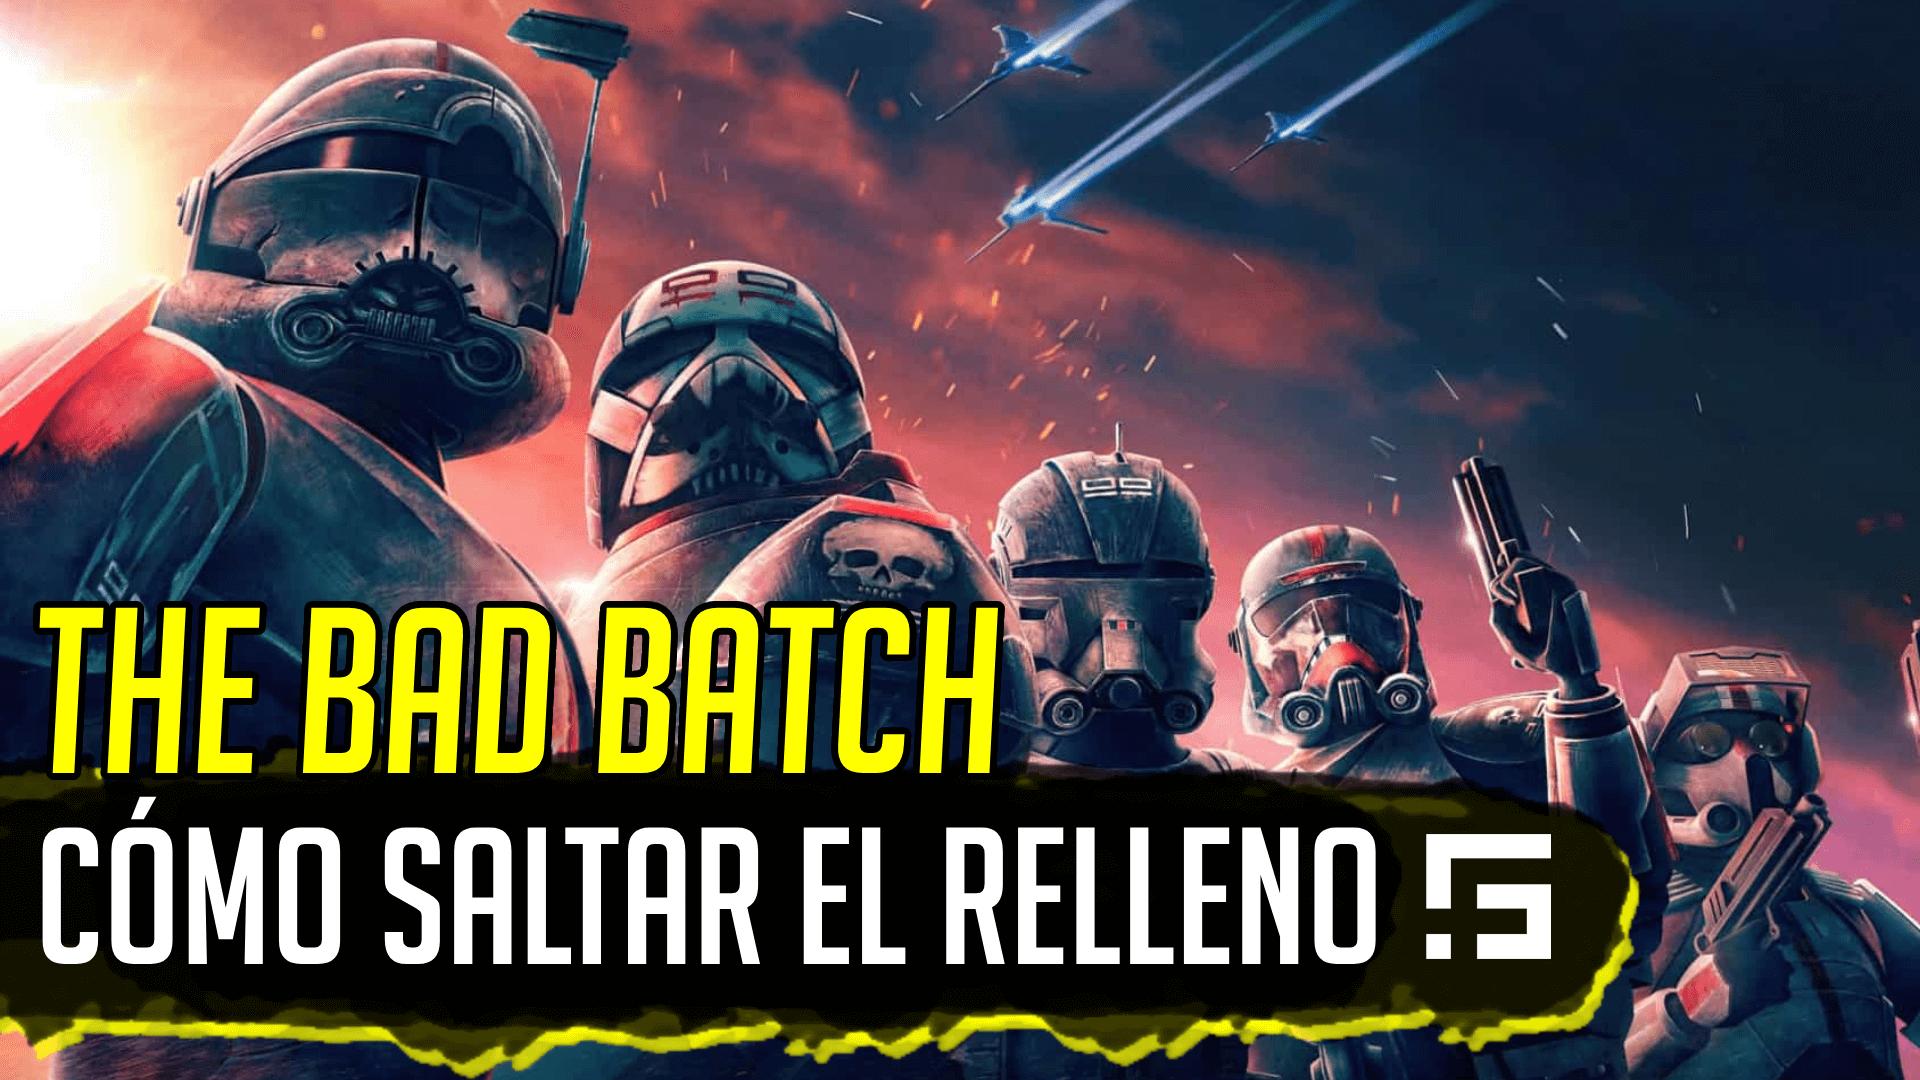 Cómo saltar el relleno de Star Wars: The Bad Batch